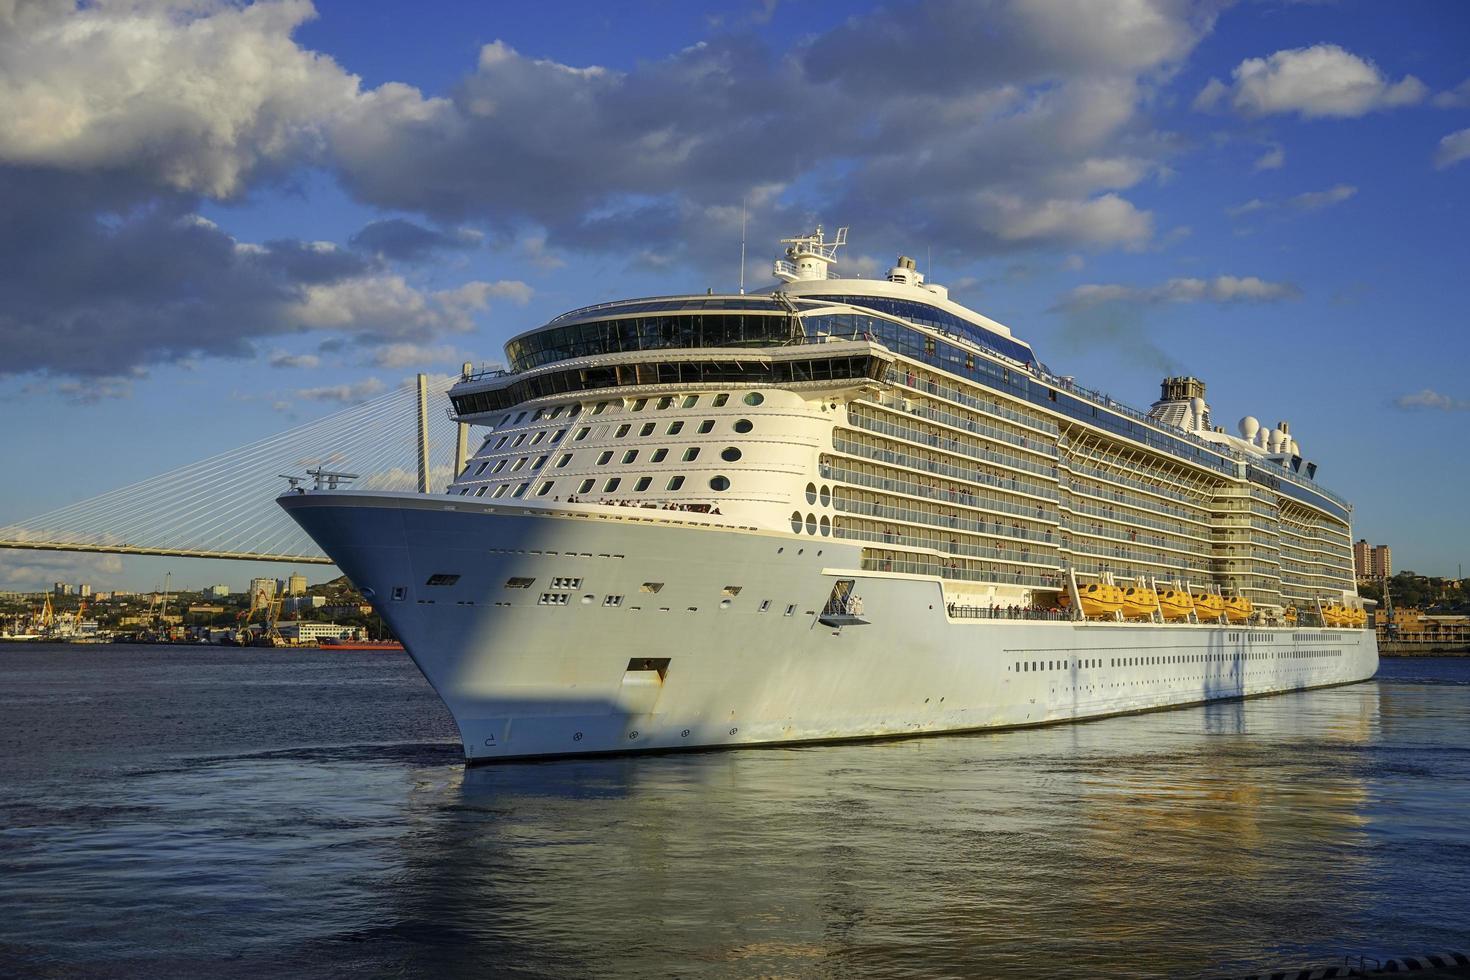 cruiseschip in amoerbaai naast gouden brug in vladivostok, rusland foto